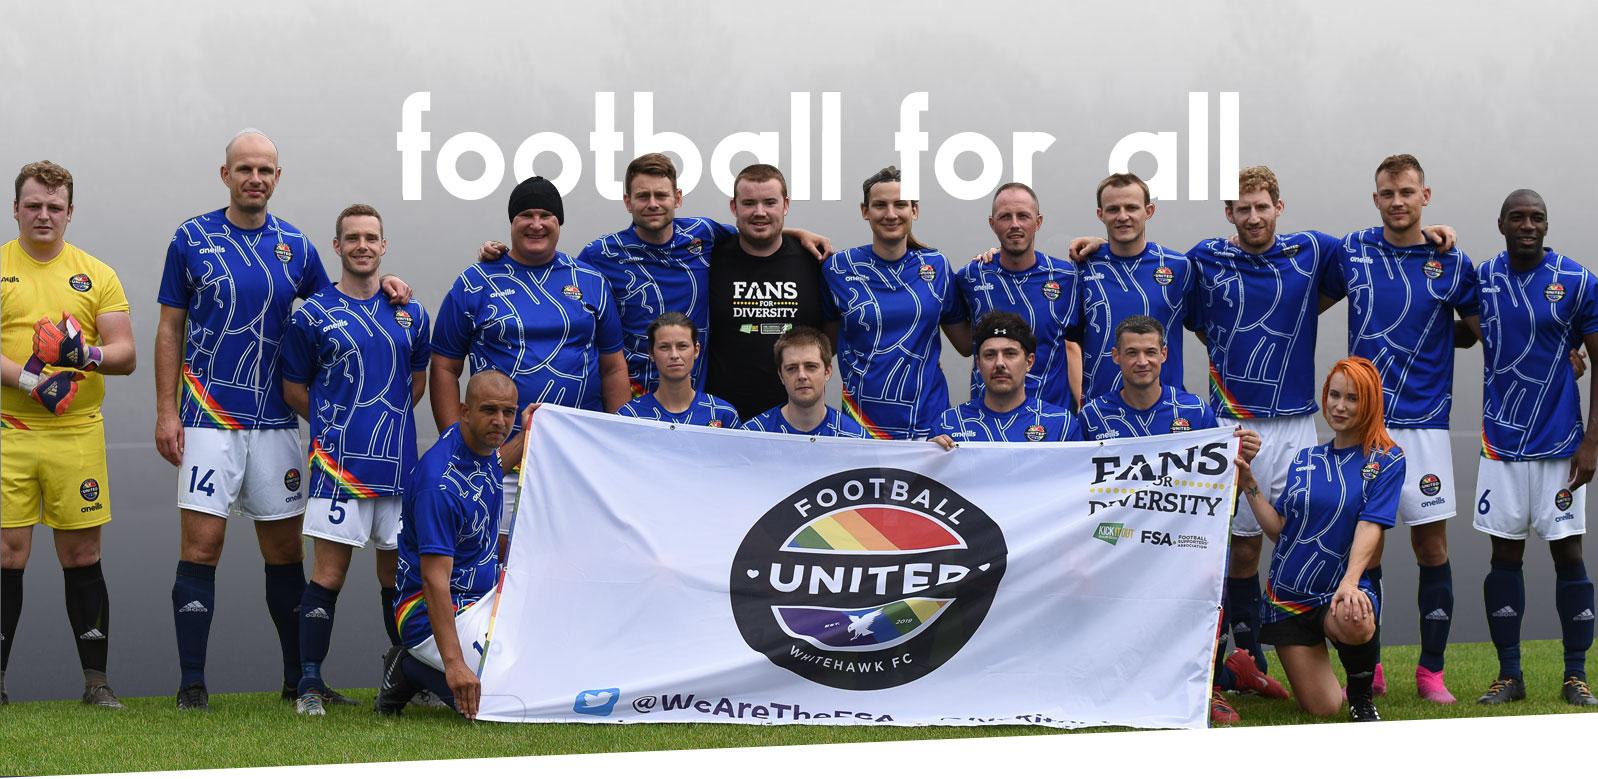 The Rainbow Rovers football team